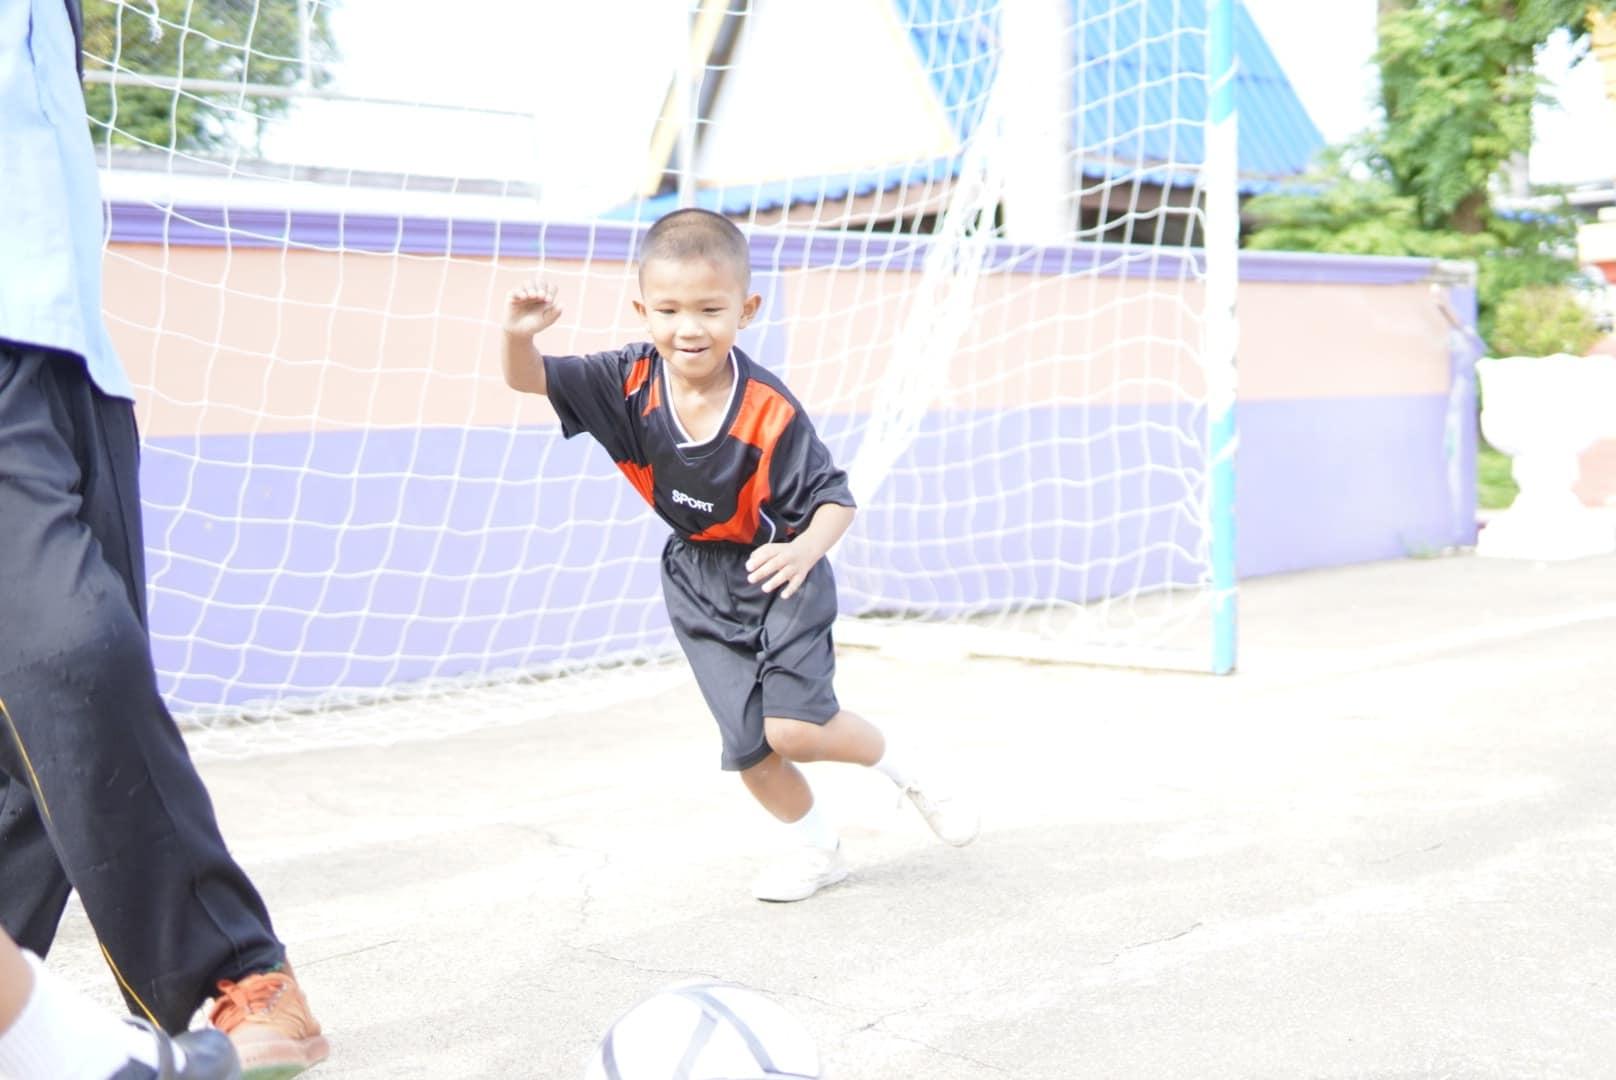 งานแข่งฟุตบอล